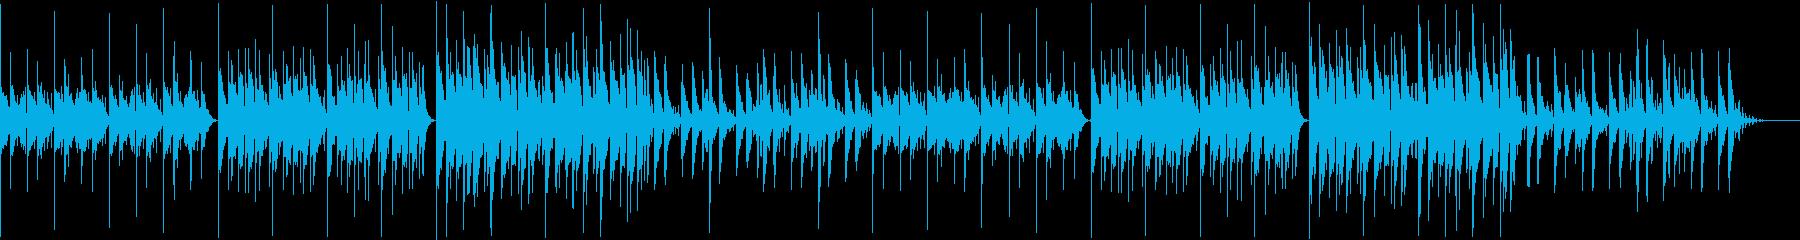 【チル】ゆったりとしたBGM・13の再生済みの波形